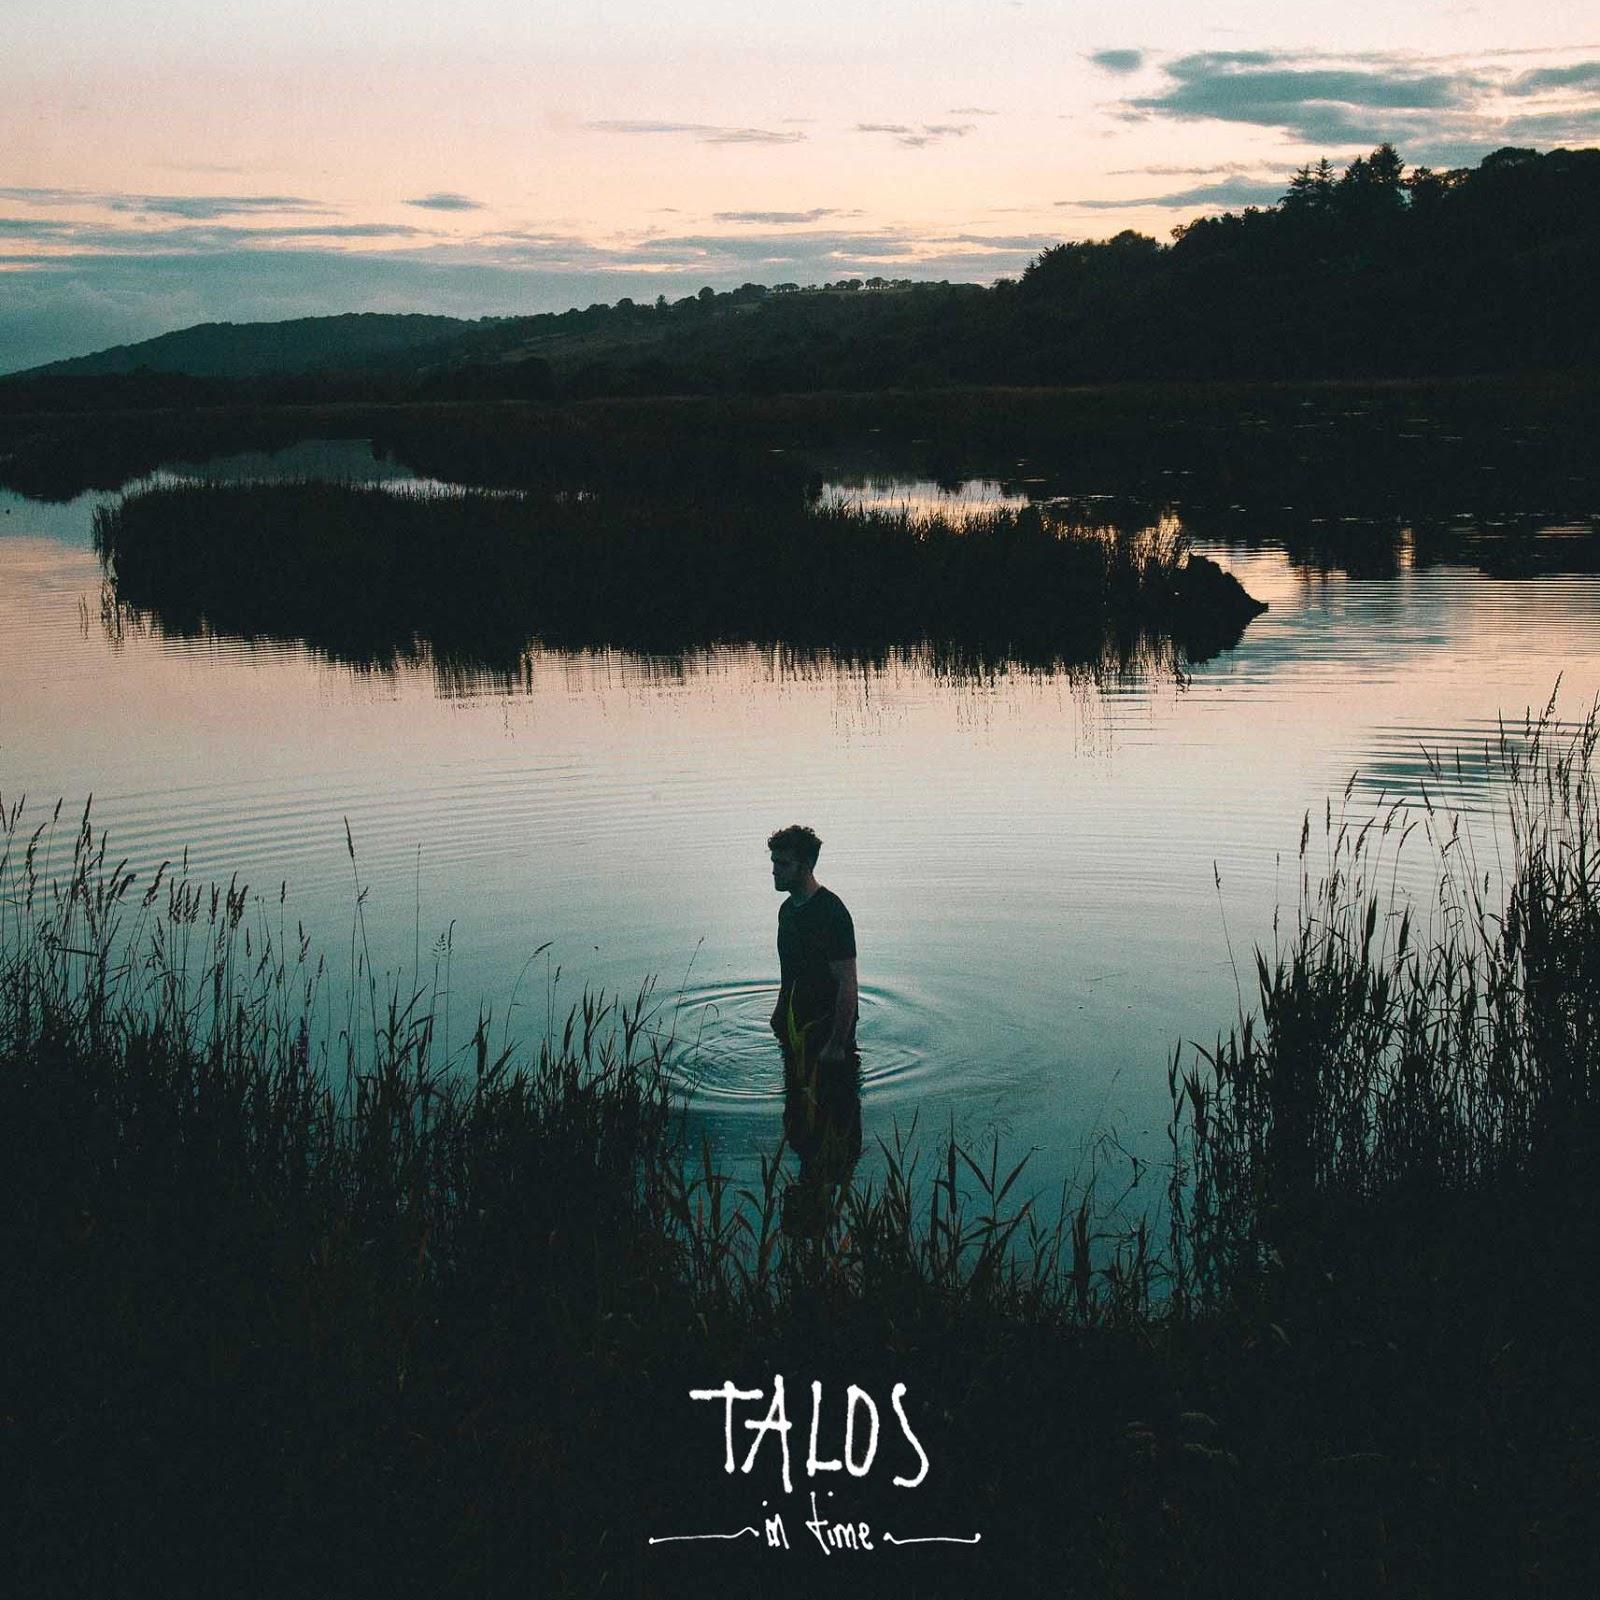 دانلود آهنگ جدید Talos به نام Odyssey